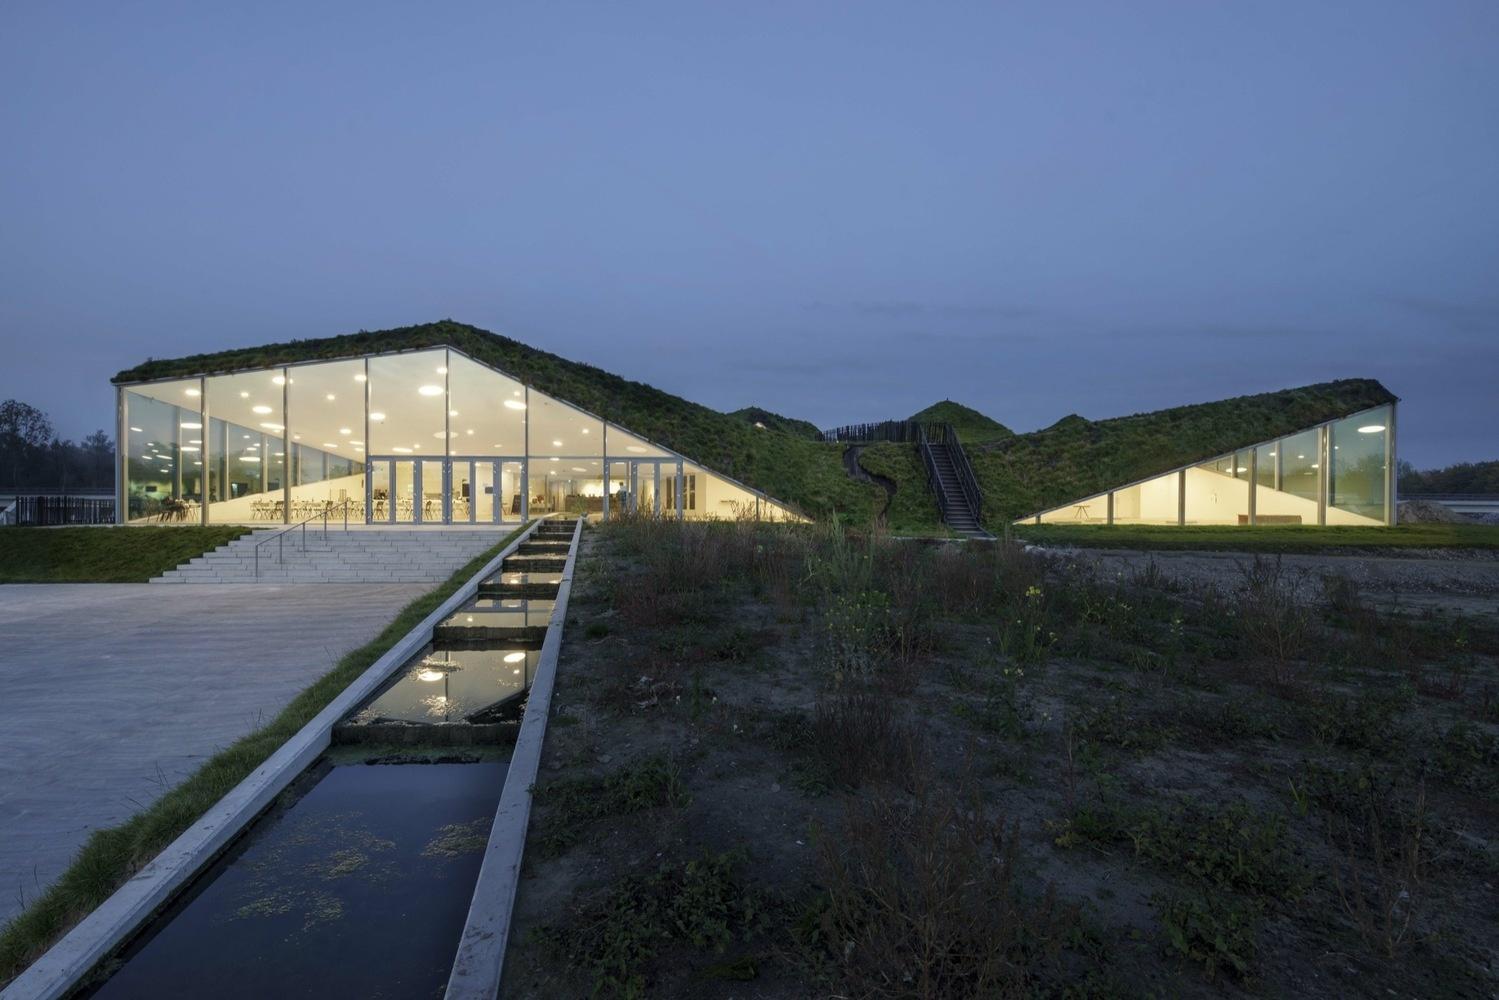 Пятый фасад: зеленые крыши (галерея 7, фото 3)